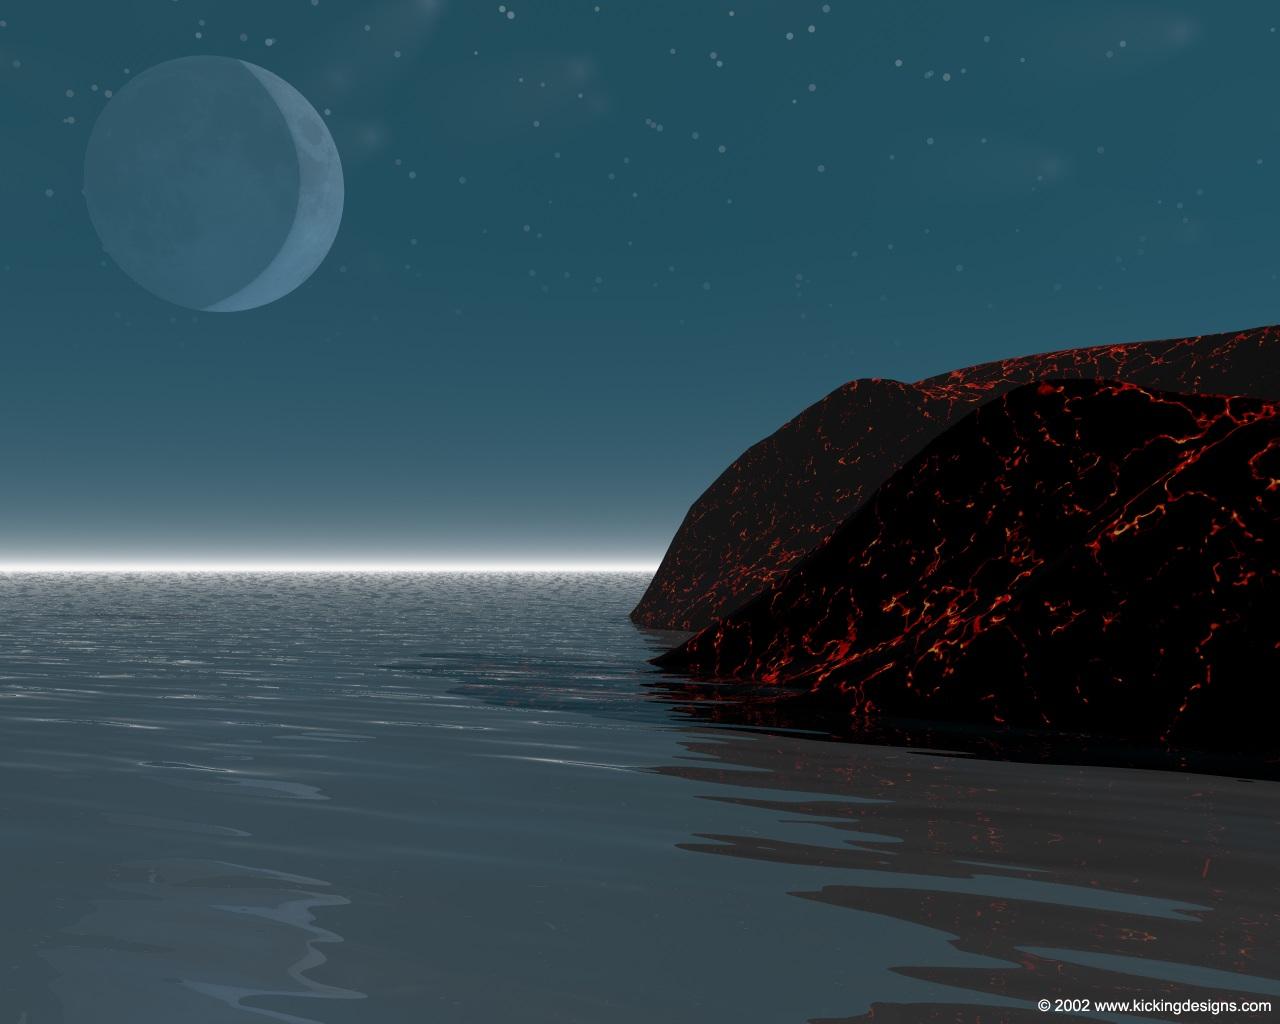 Night Time  Desktop Wallpaper 1280 x 1024  Kicking